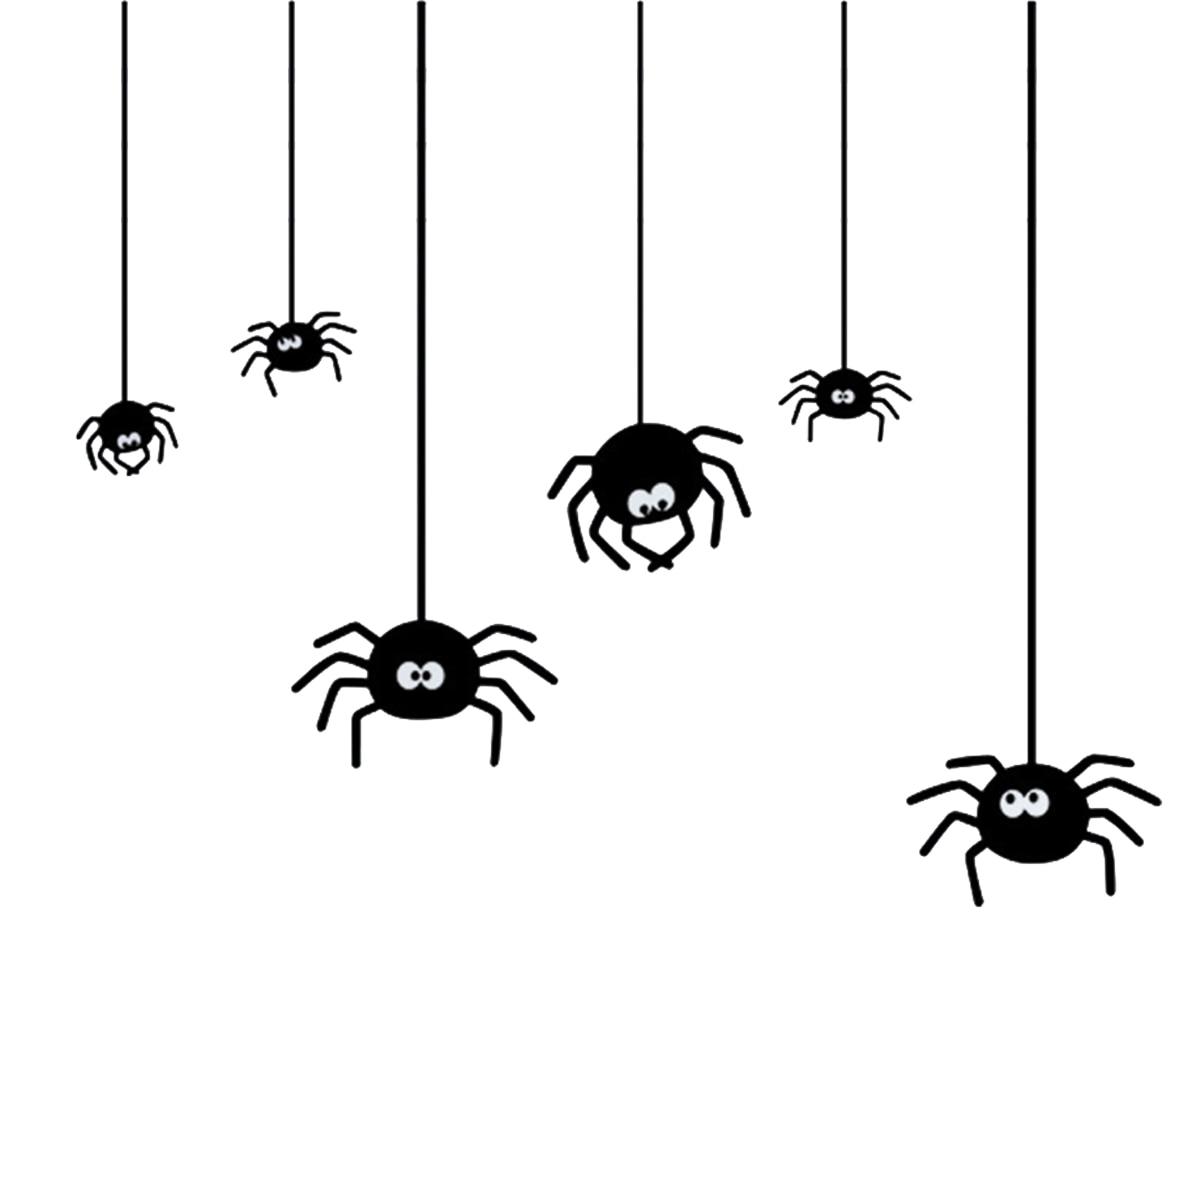 Рисунок смешного паука